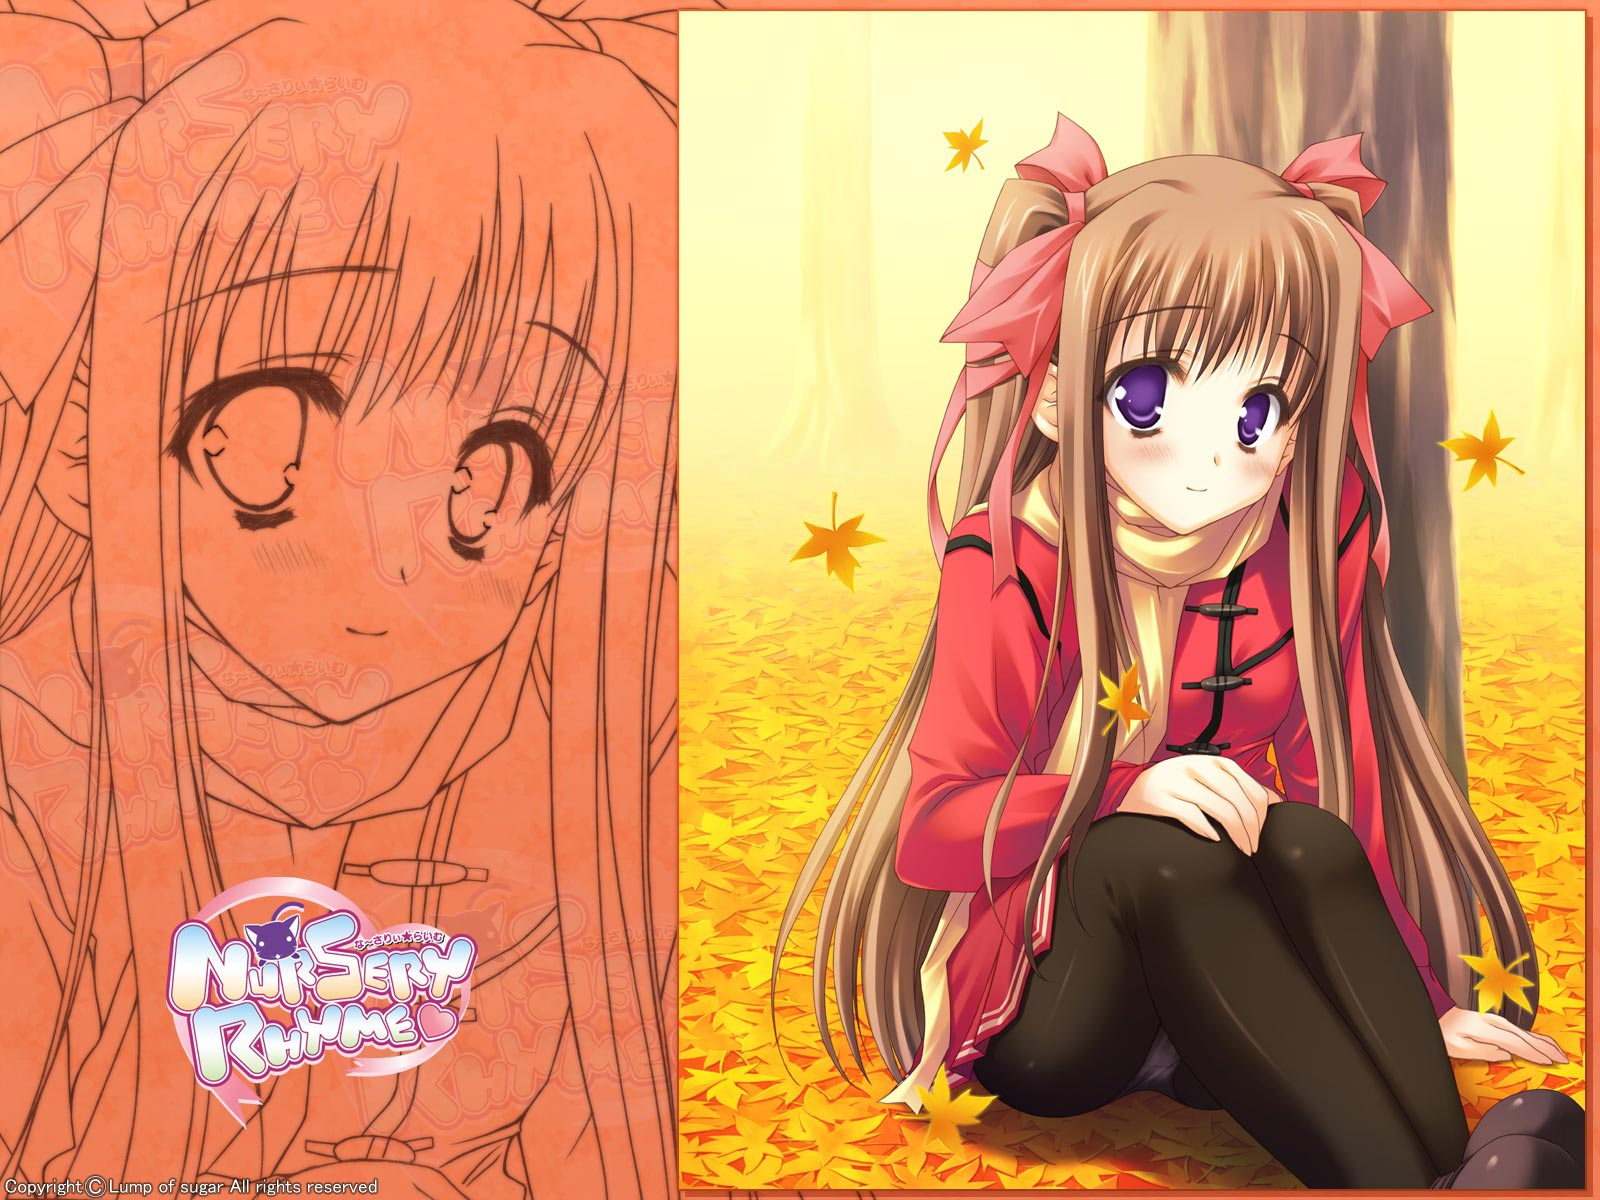 9607 1 other anime anime autumn anime girlsjpg 1600x1200